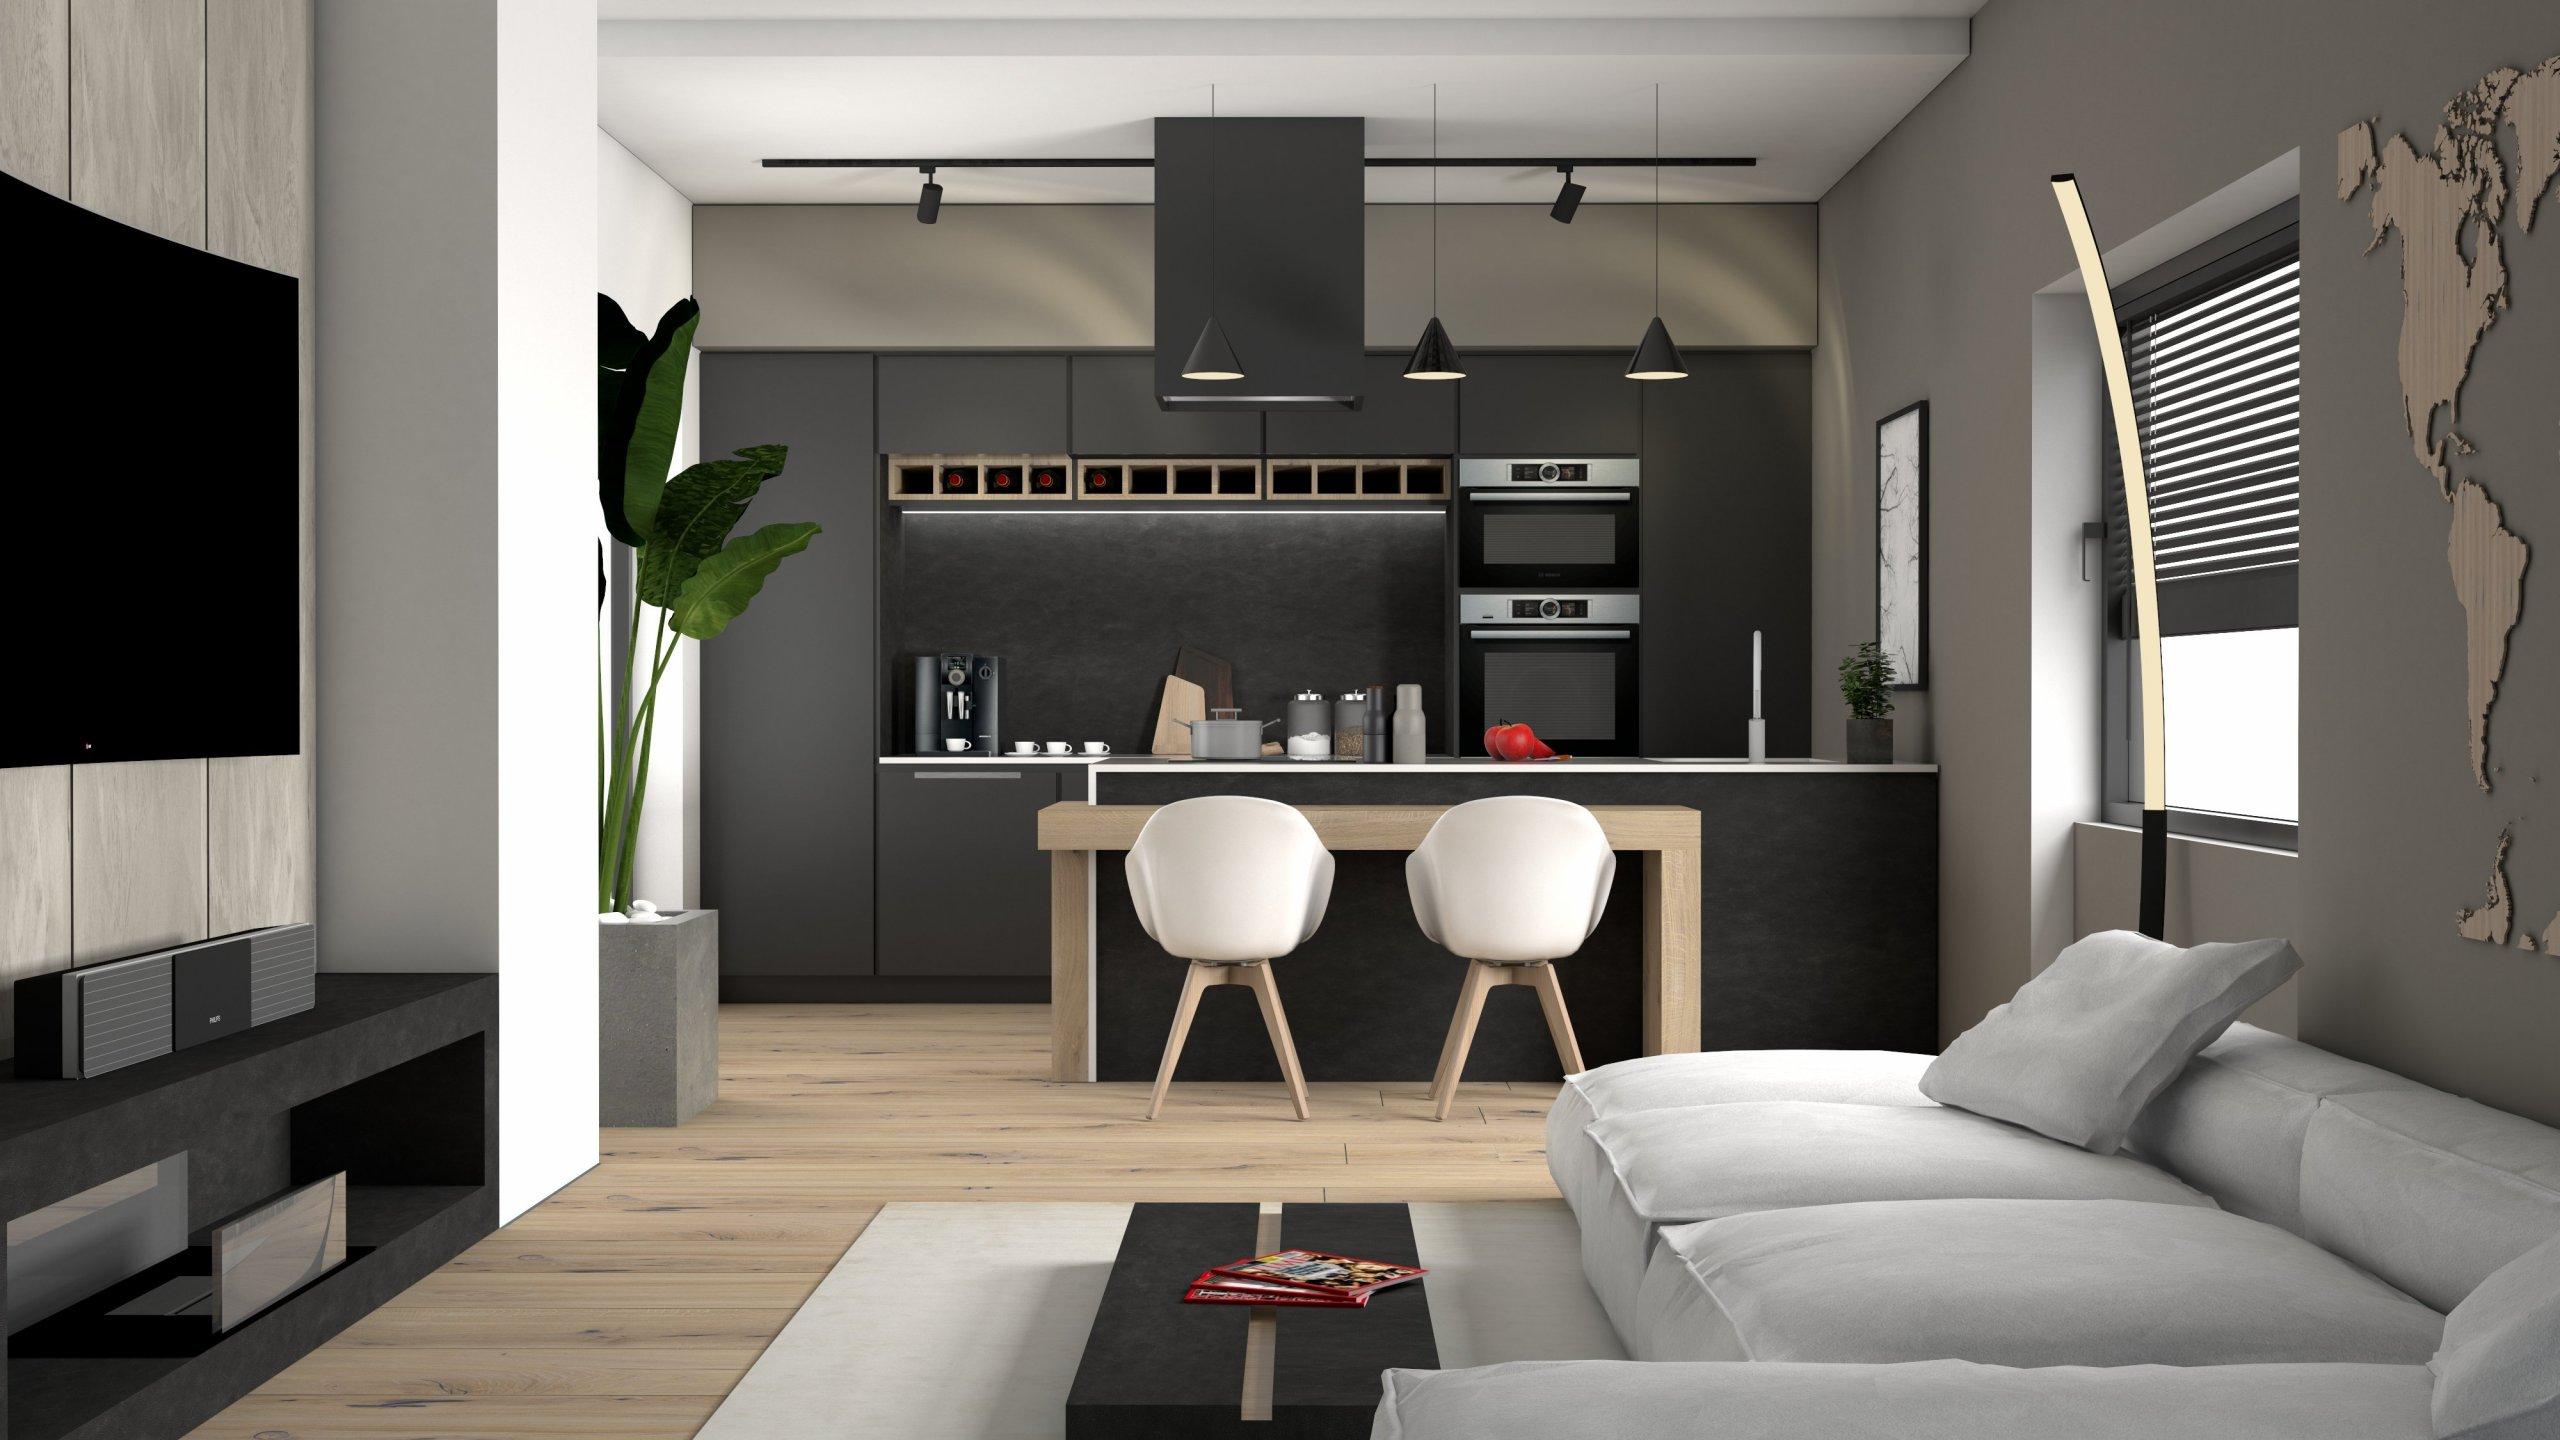 Ukázka naší práce designového návrhu kuchyňské linky s obývací částí. Dominantou prostoru je designová, minimalistická kuchyň. Vysoké zásuvné skříně nejen…